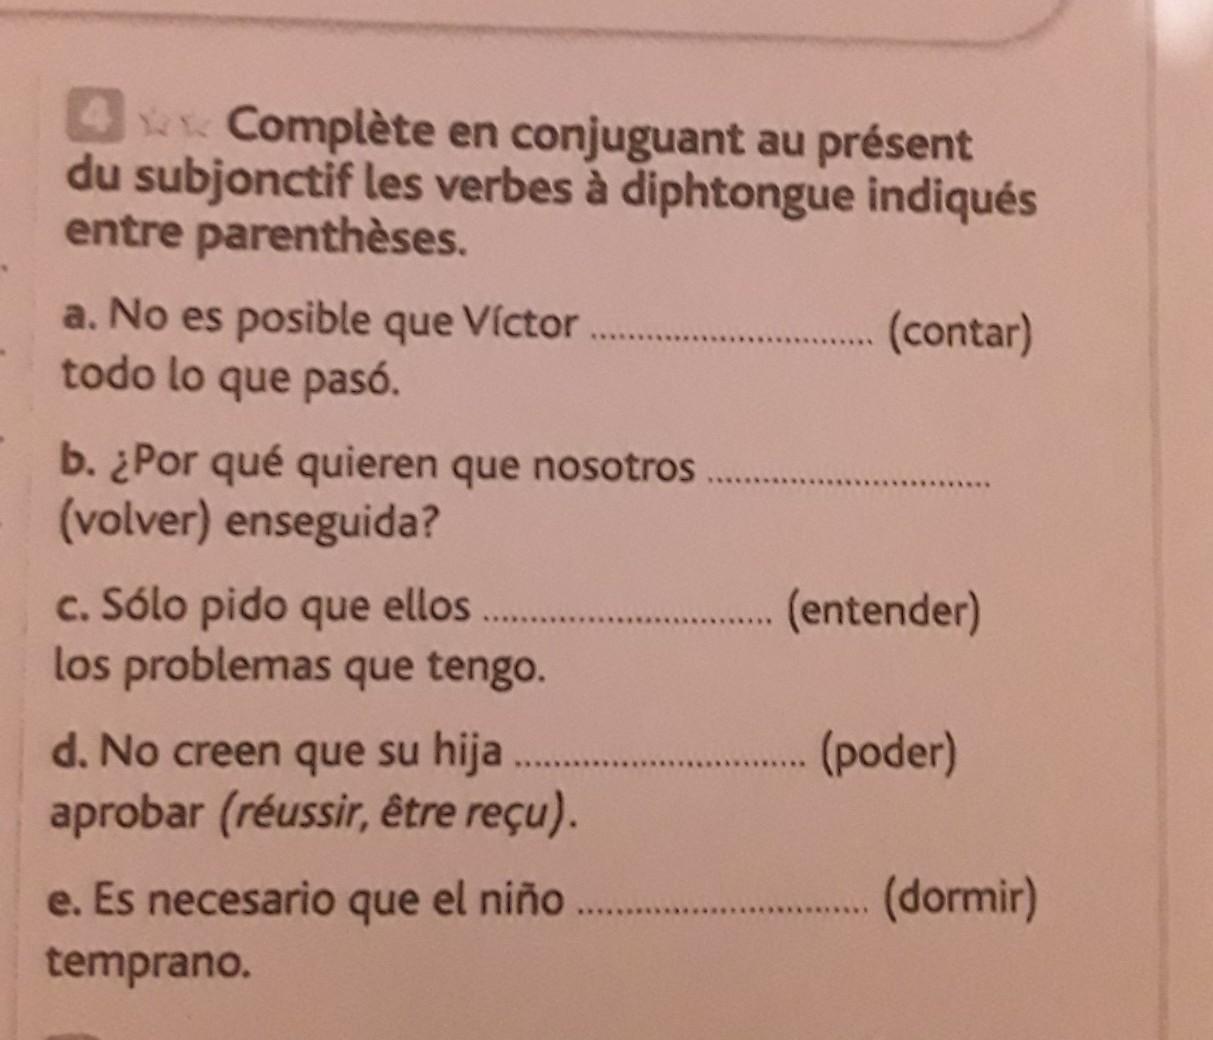 Bonsoir En Fait J Ai Un Exercice En Espagnol Que Je Dois Rendre Pour Demain Est Ce Que Vous Pouvez Nosdevoirs Fr